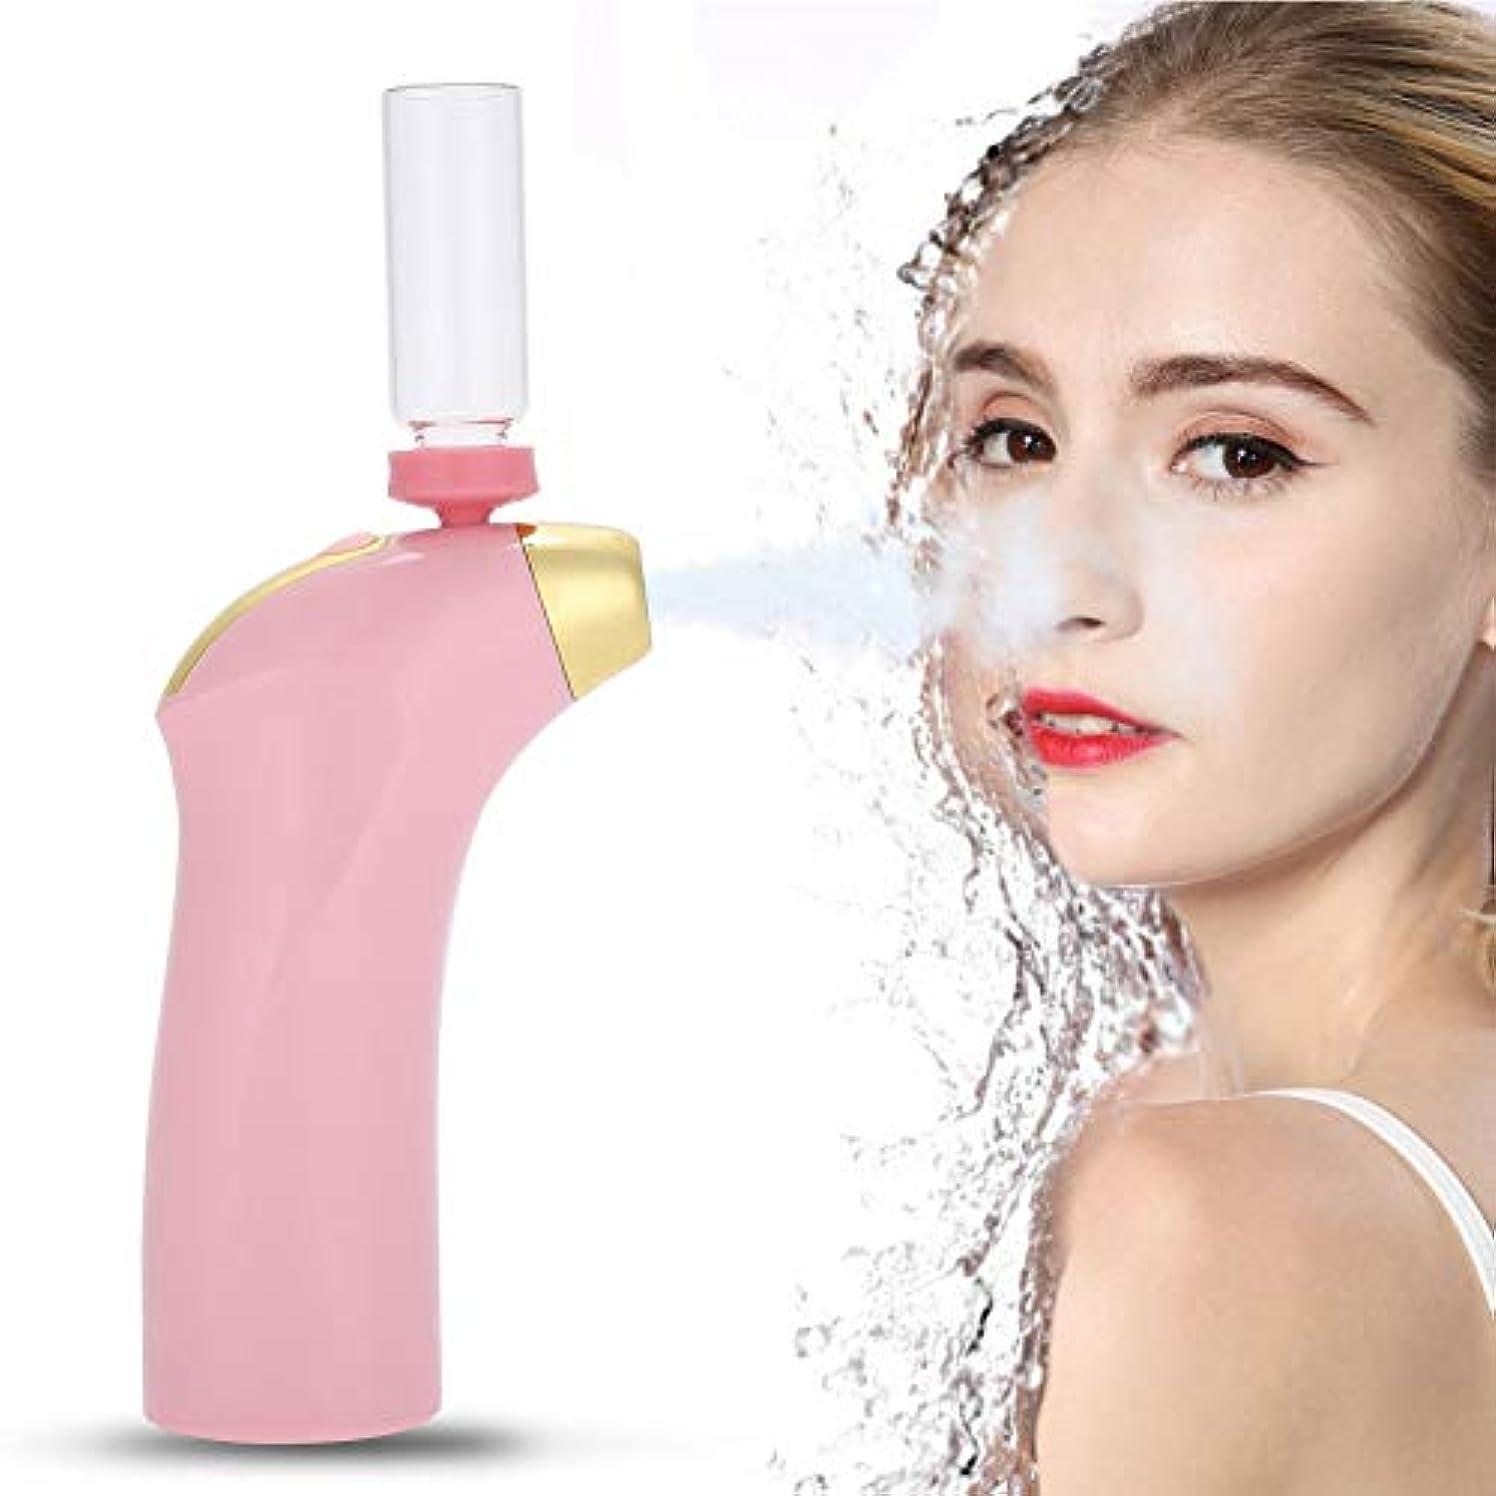 はぁ大学マウンド専門の酸素の注入のスプレーガン - 顔の皮の若返りの美機械、顔の美の器械、引き締まる皮は、肌の色合い、色素形成を改善します